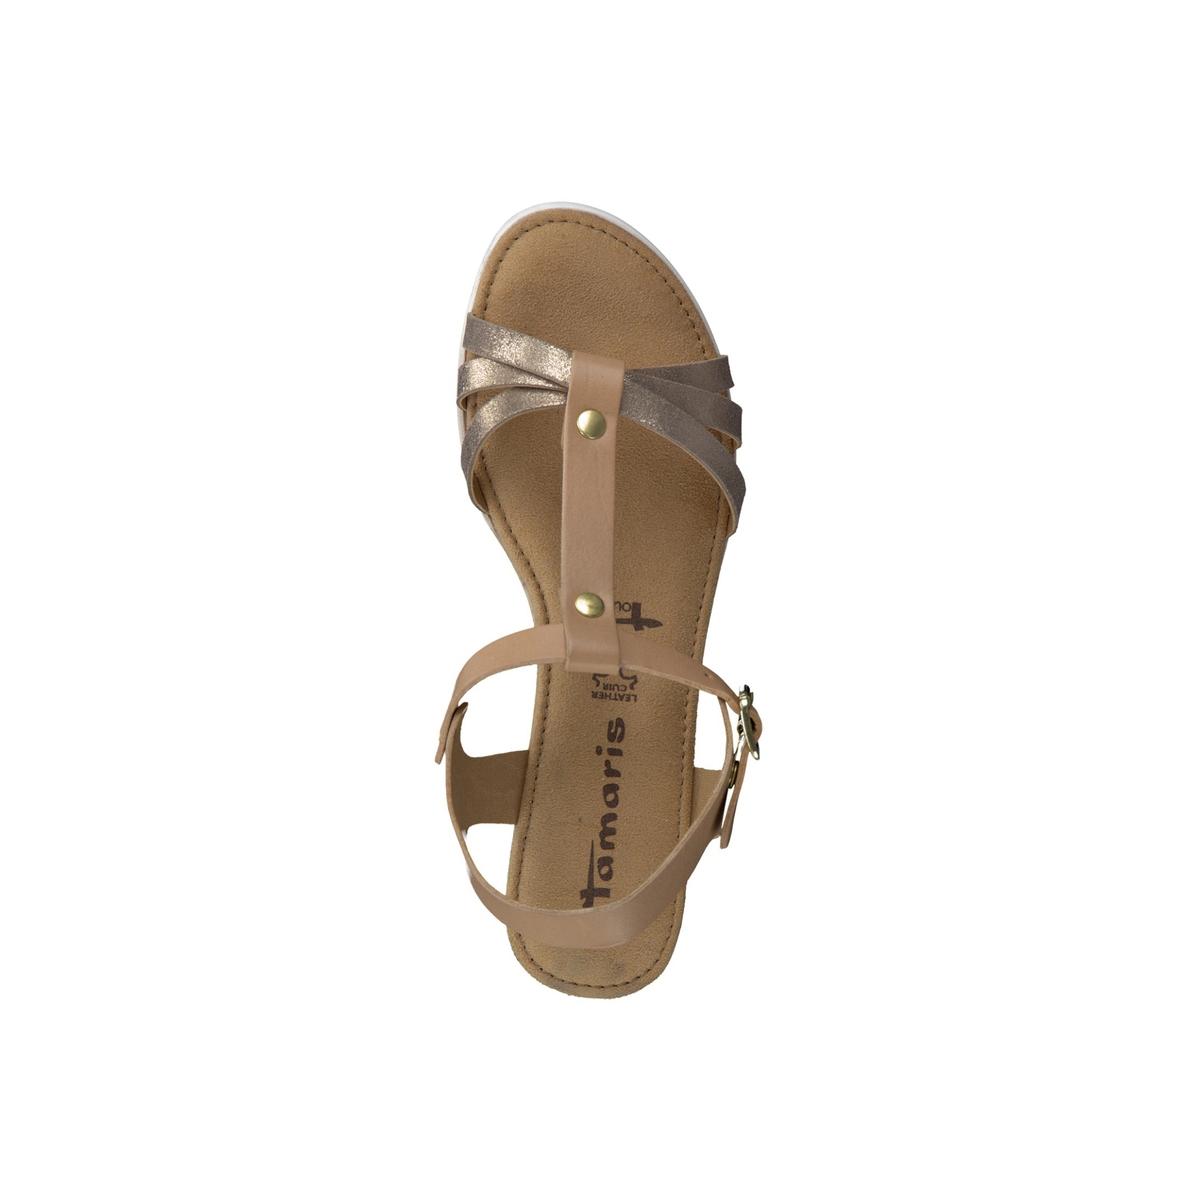 Босоножки кожаные 28218-28Верх/Голенище : кожа  Подкладка : синтетика  Стелька : текстиль  Подошва : синтетика  Высота каблука : 4,5 см  Форма каблука : танкетка  Мысок : закругленный мысок  Застежка : пряжка<br><br>Цвет: бежевый,черный<br>Размер: 40.39